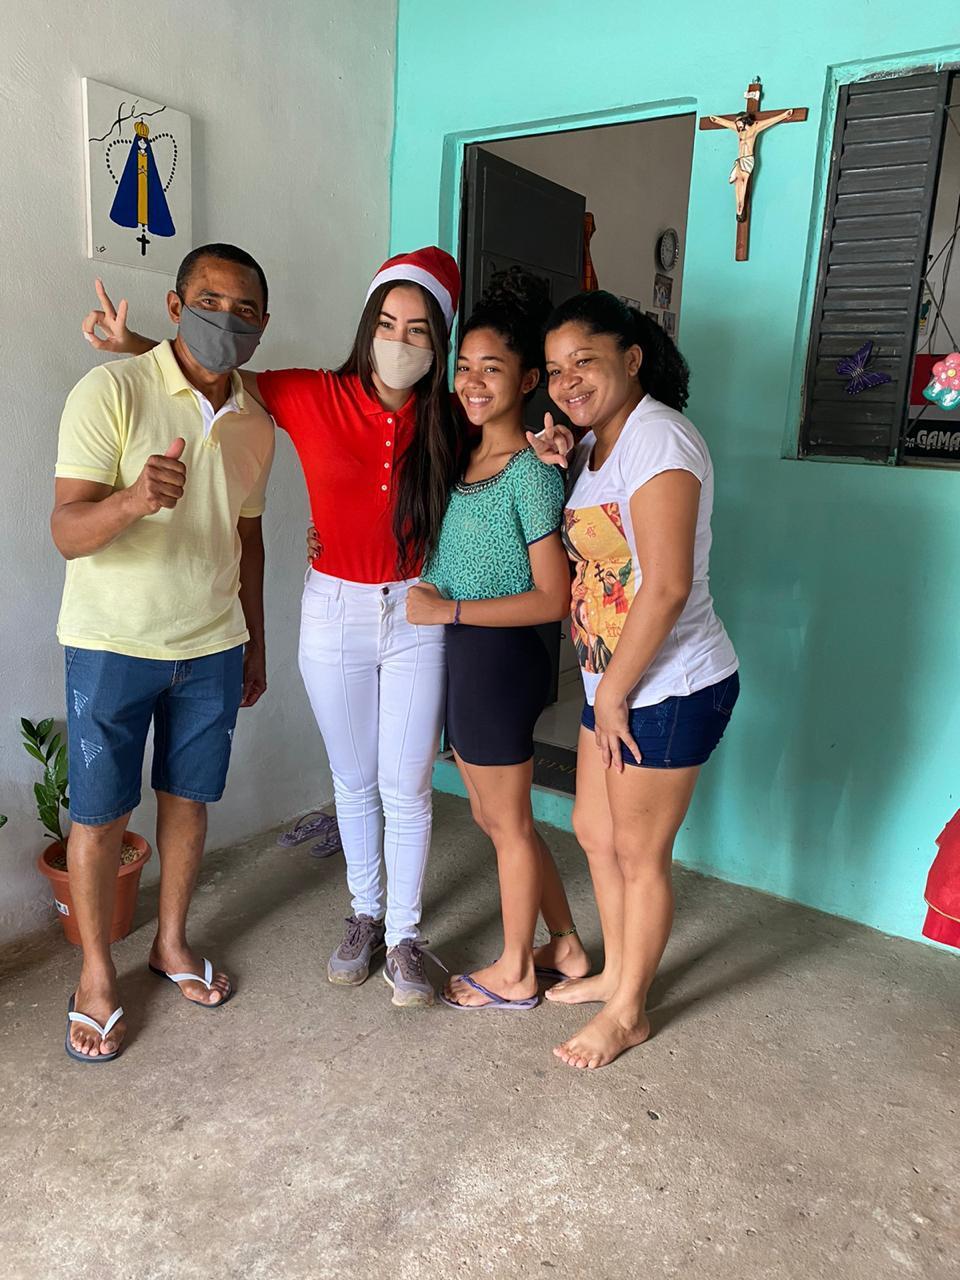 Vereadora Fernanda Gomes faz entrega de doações às famílias carentes - Imagem 1